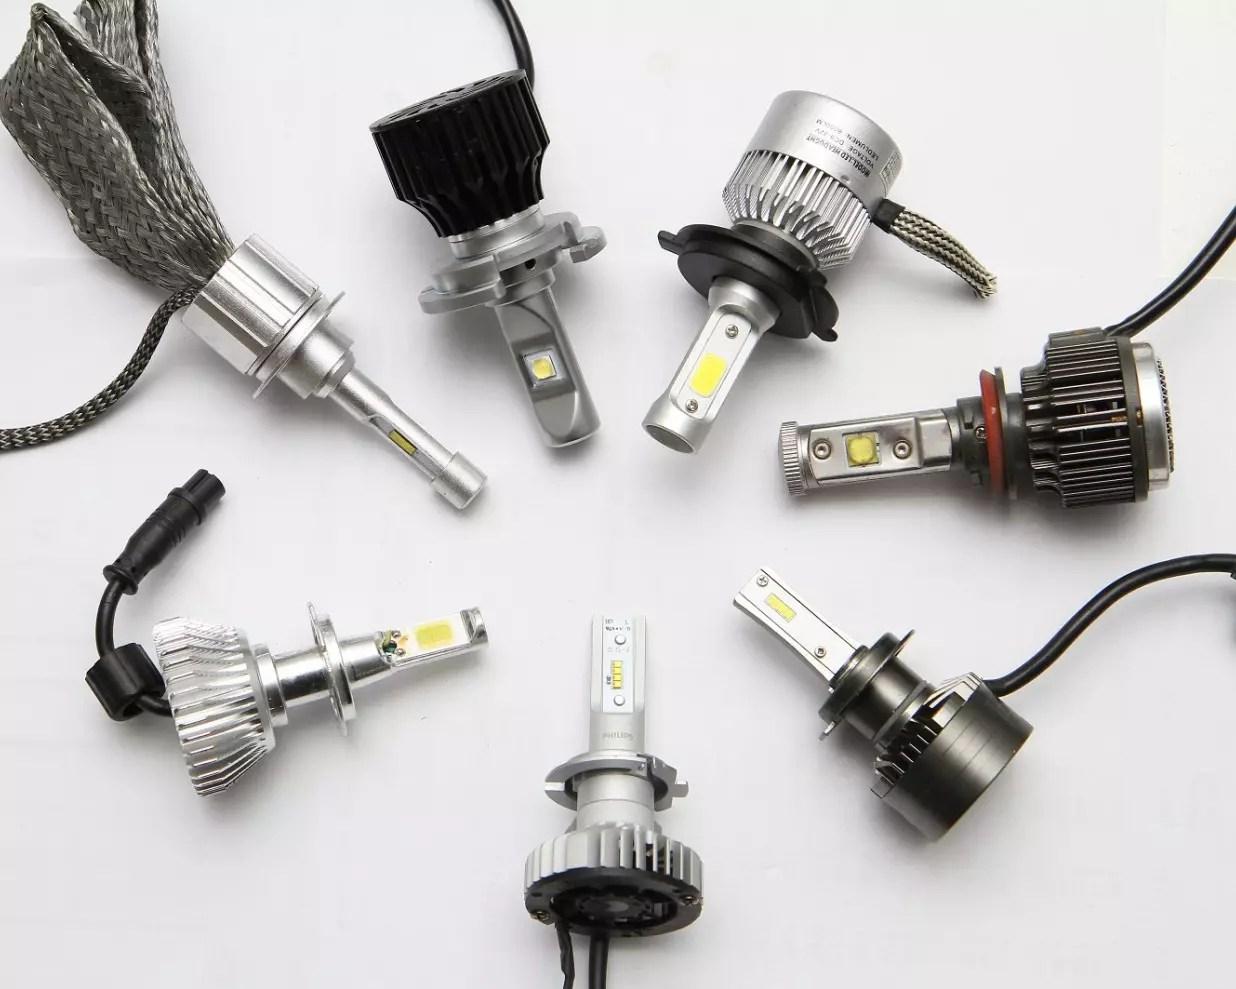 LED大燈是如何運作的? - PA LED | LED大燈知識 | 推薦